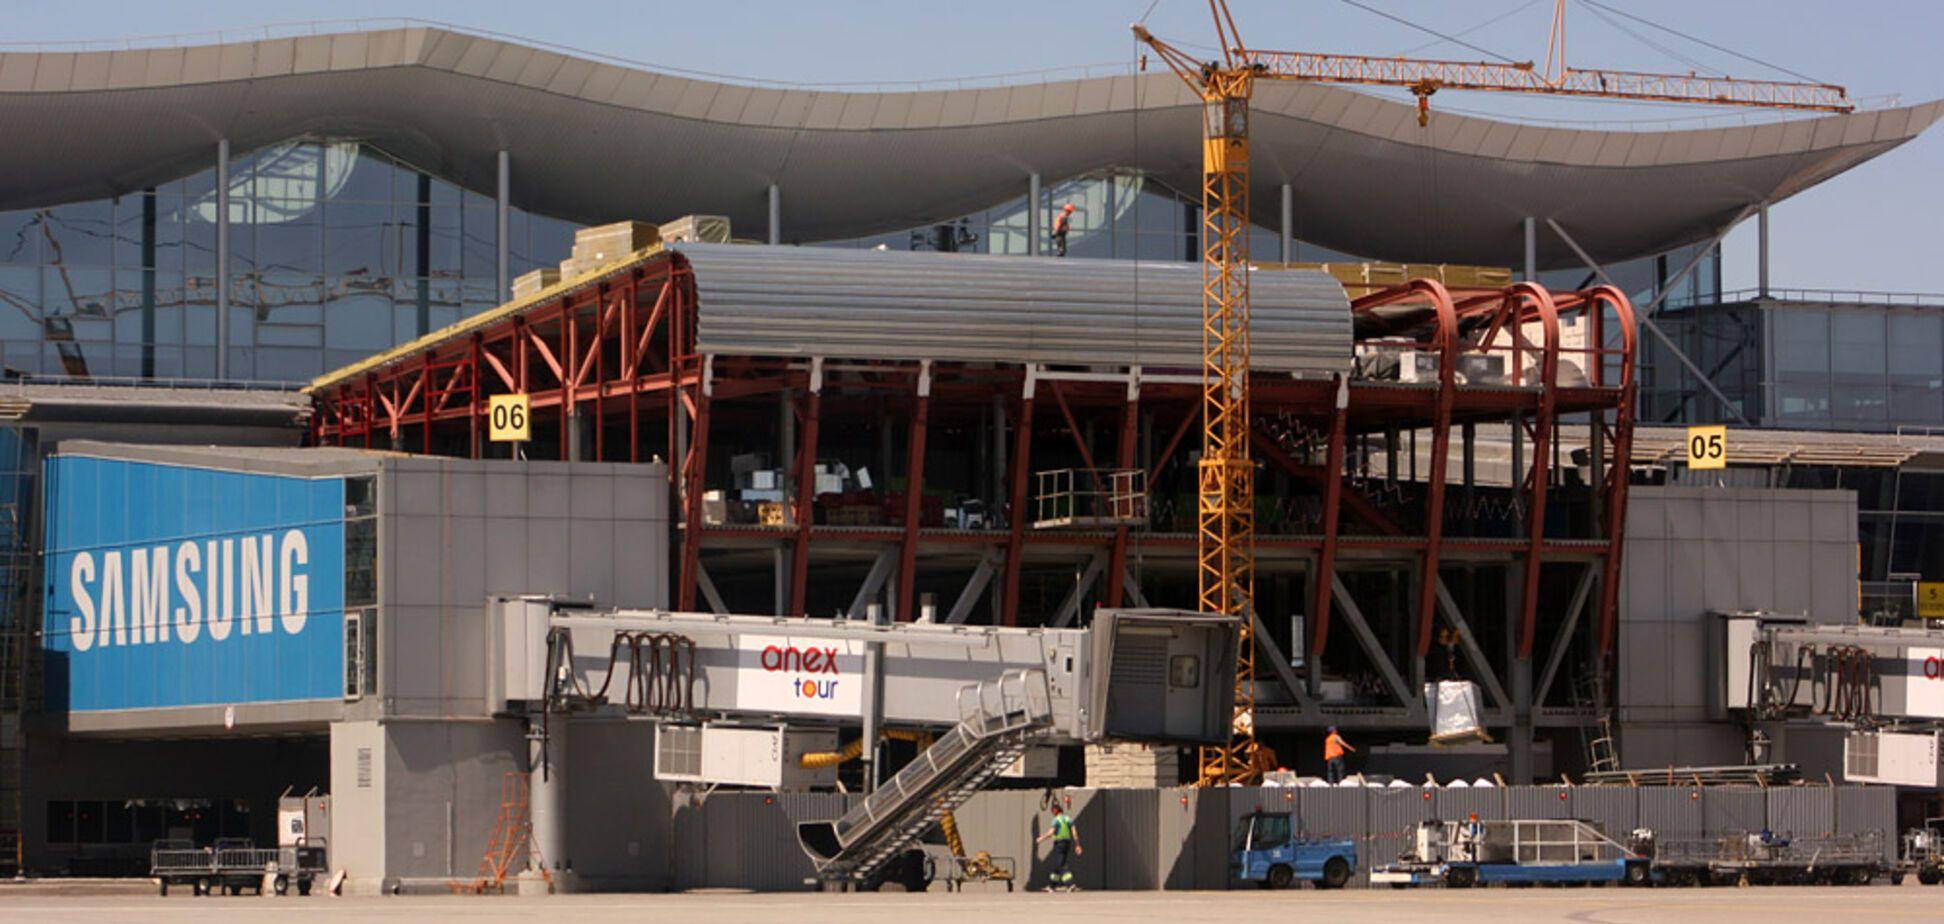 Як змінюють термінал D в 'Борисполі': в мережу потрапили фото